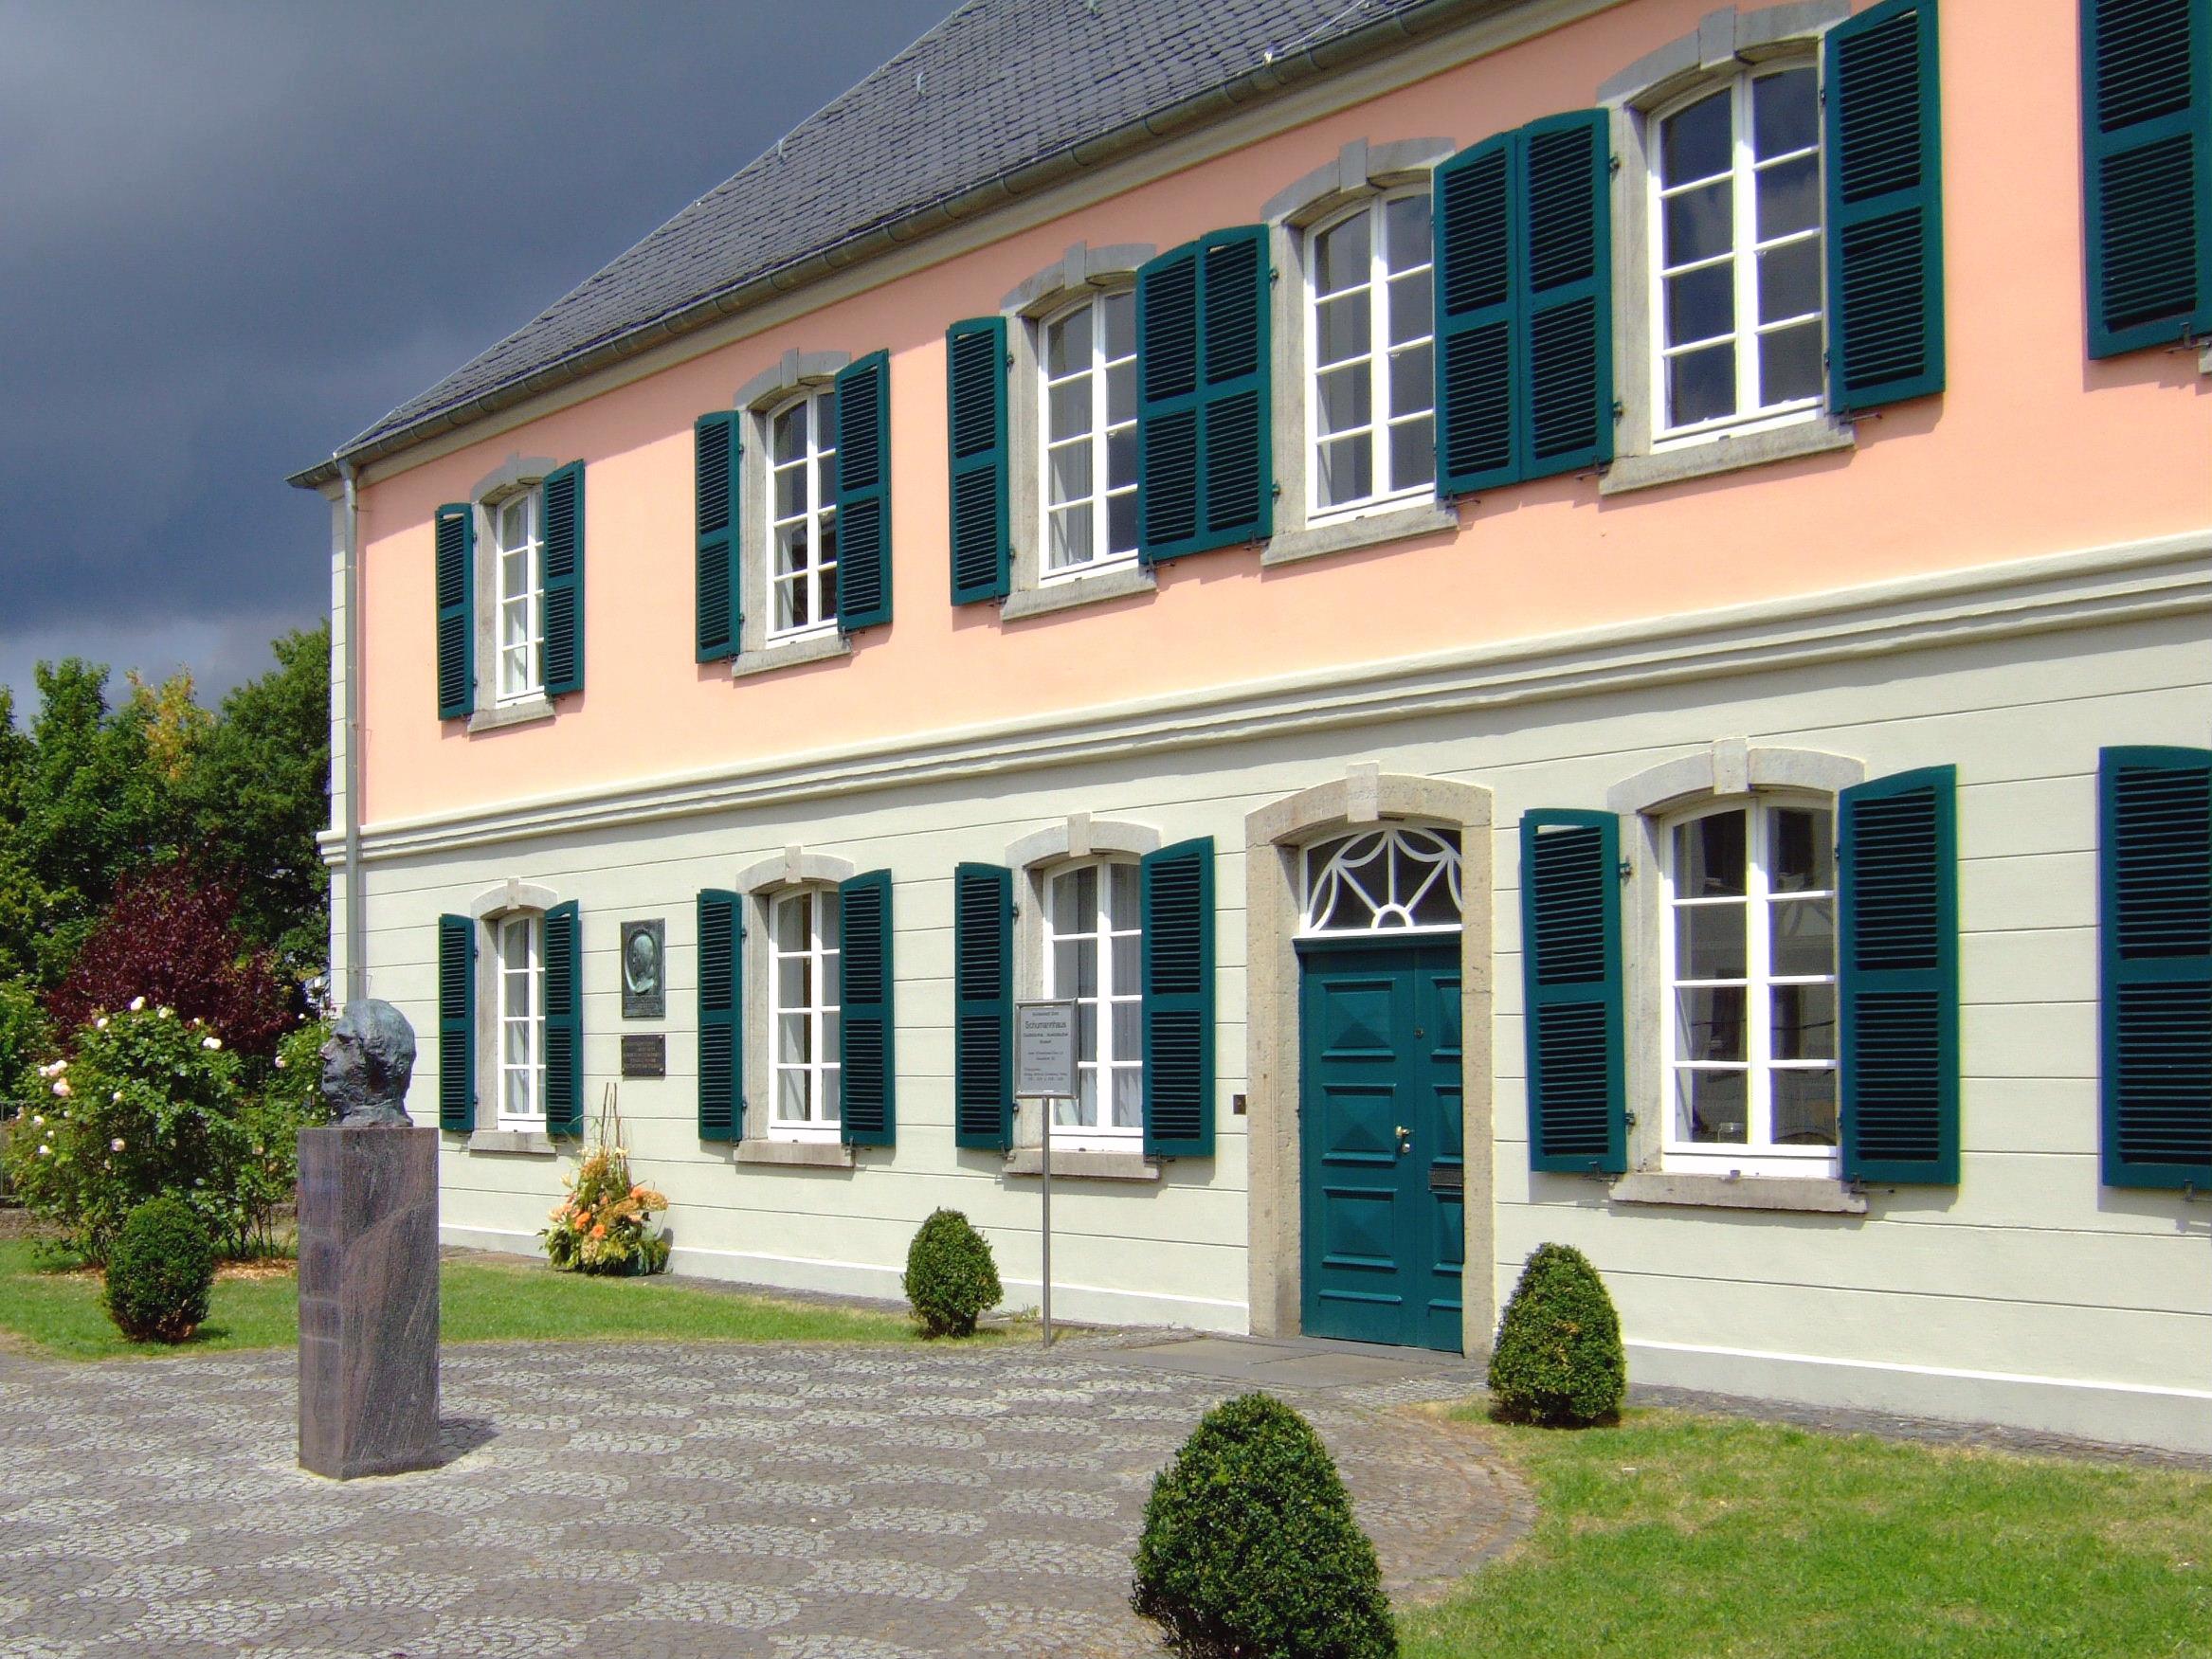 10 Dinge, die man in Bonn Endenich gemacht haben sollte – Vorschläge ...